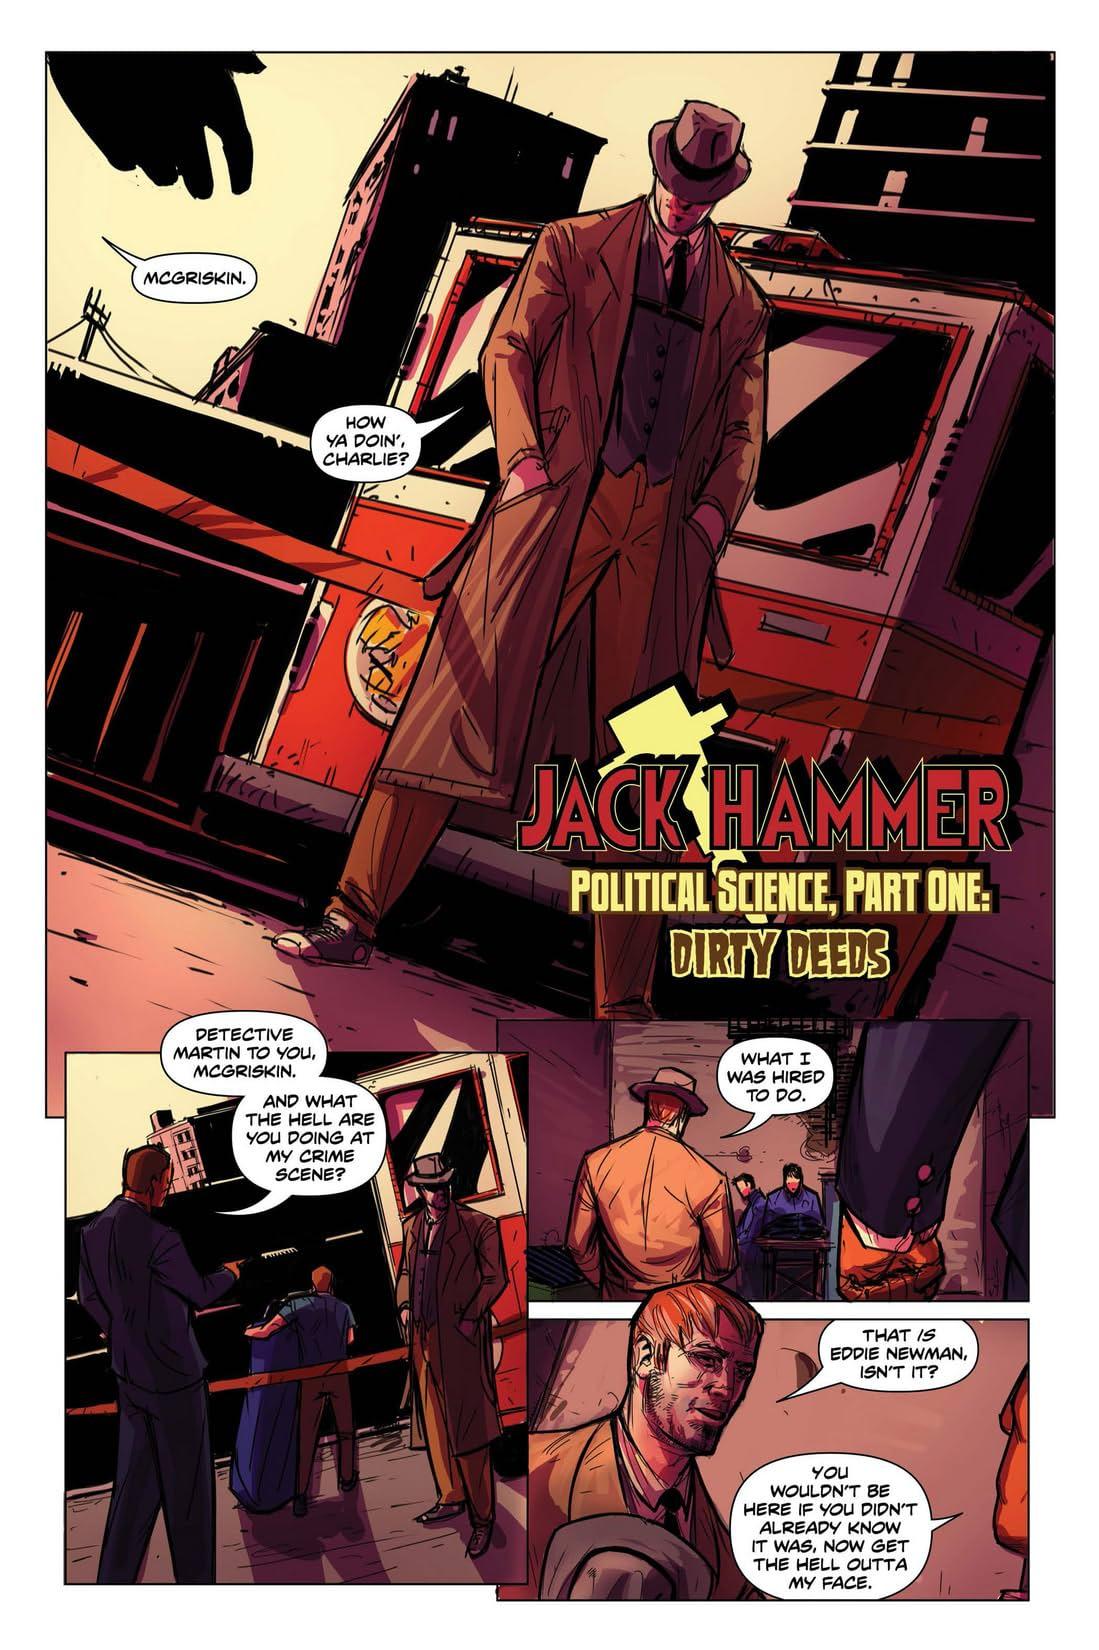 Jack Hammer: Political Science